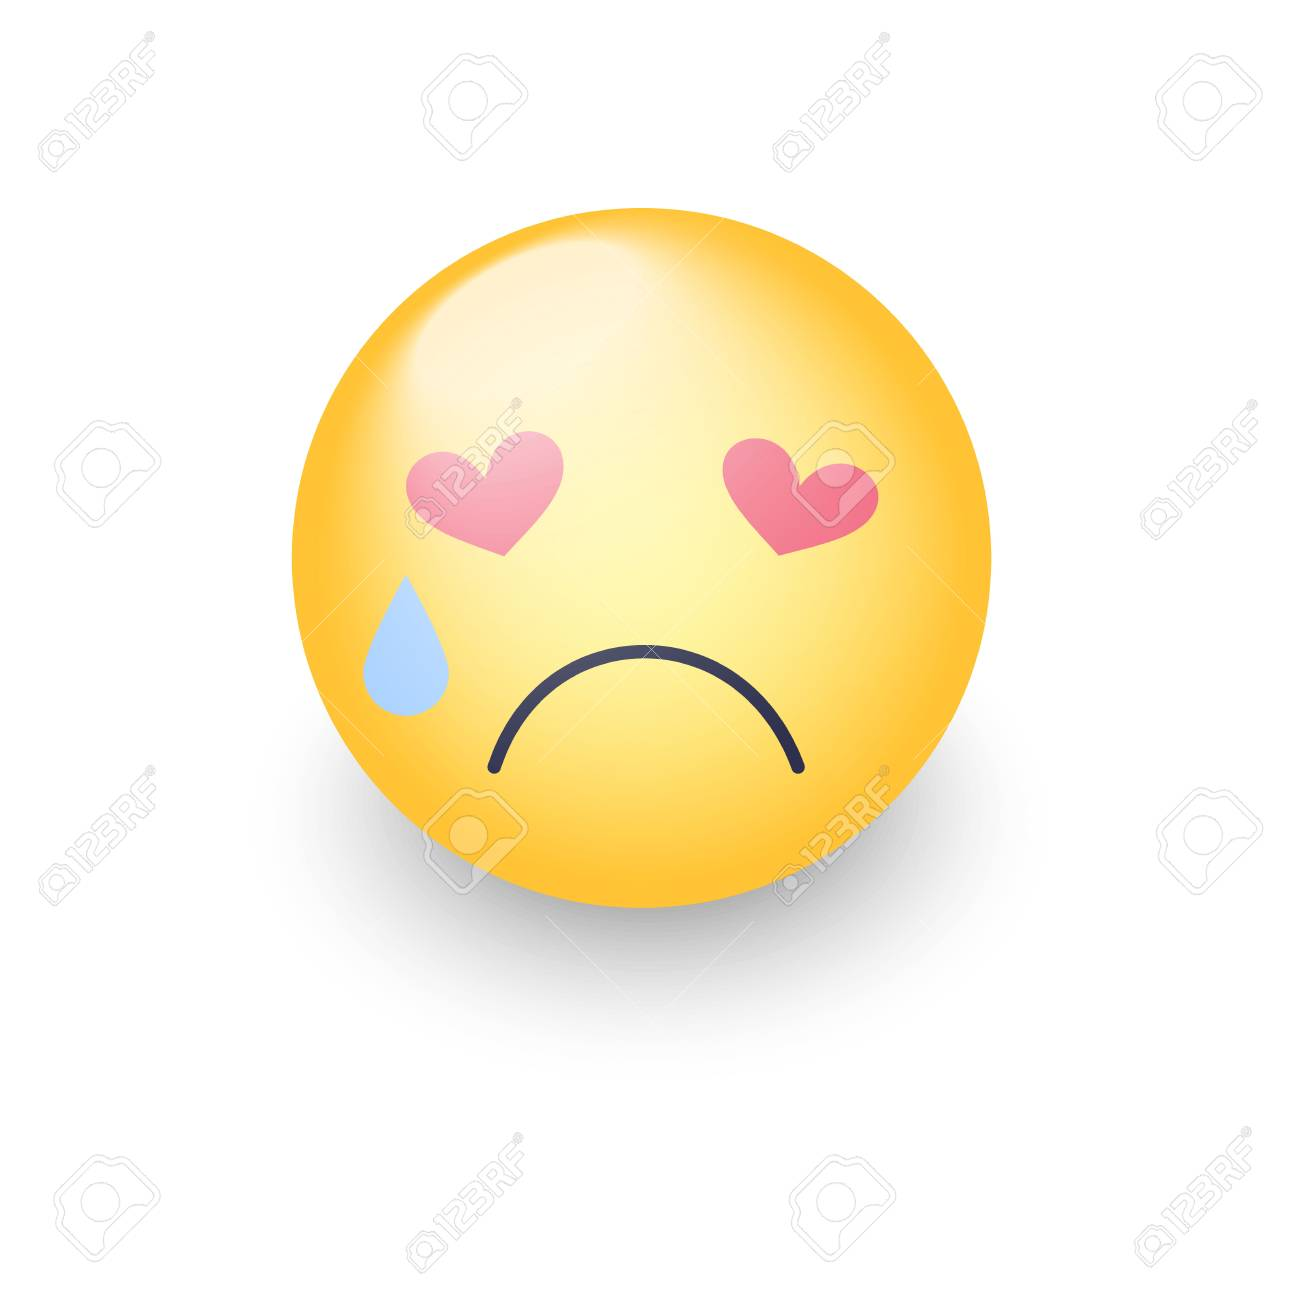 Smiley Amoureux Triste Avec Des Yeux En Forme De C Ur Crying Emoji Face Emoticone De Dessin Anime Mignon Avec Des Larmes Aux Yeux Coeur Brise Clip Art Libres De Droits Vecteurs